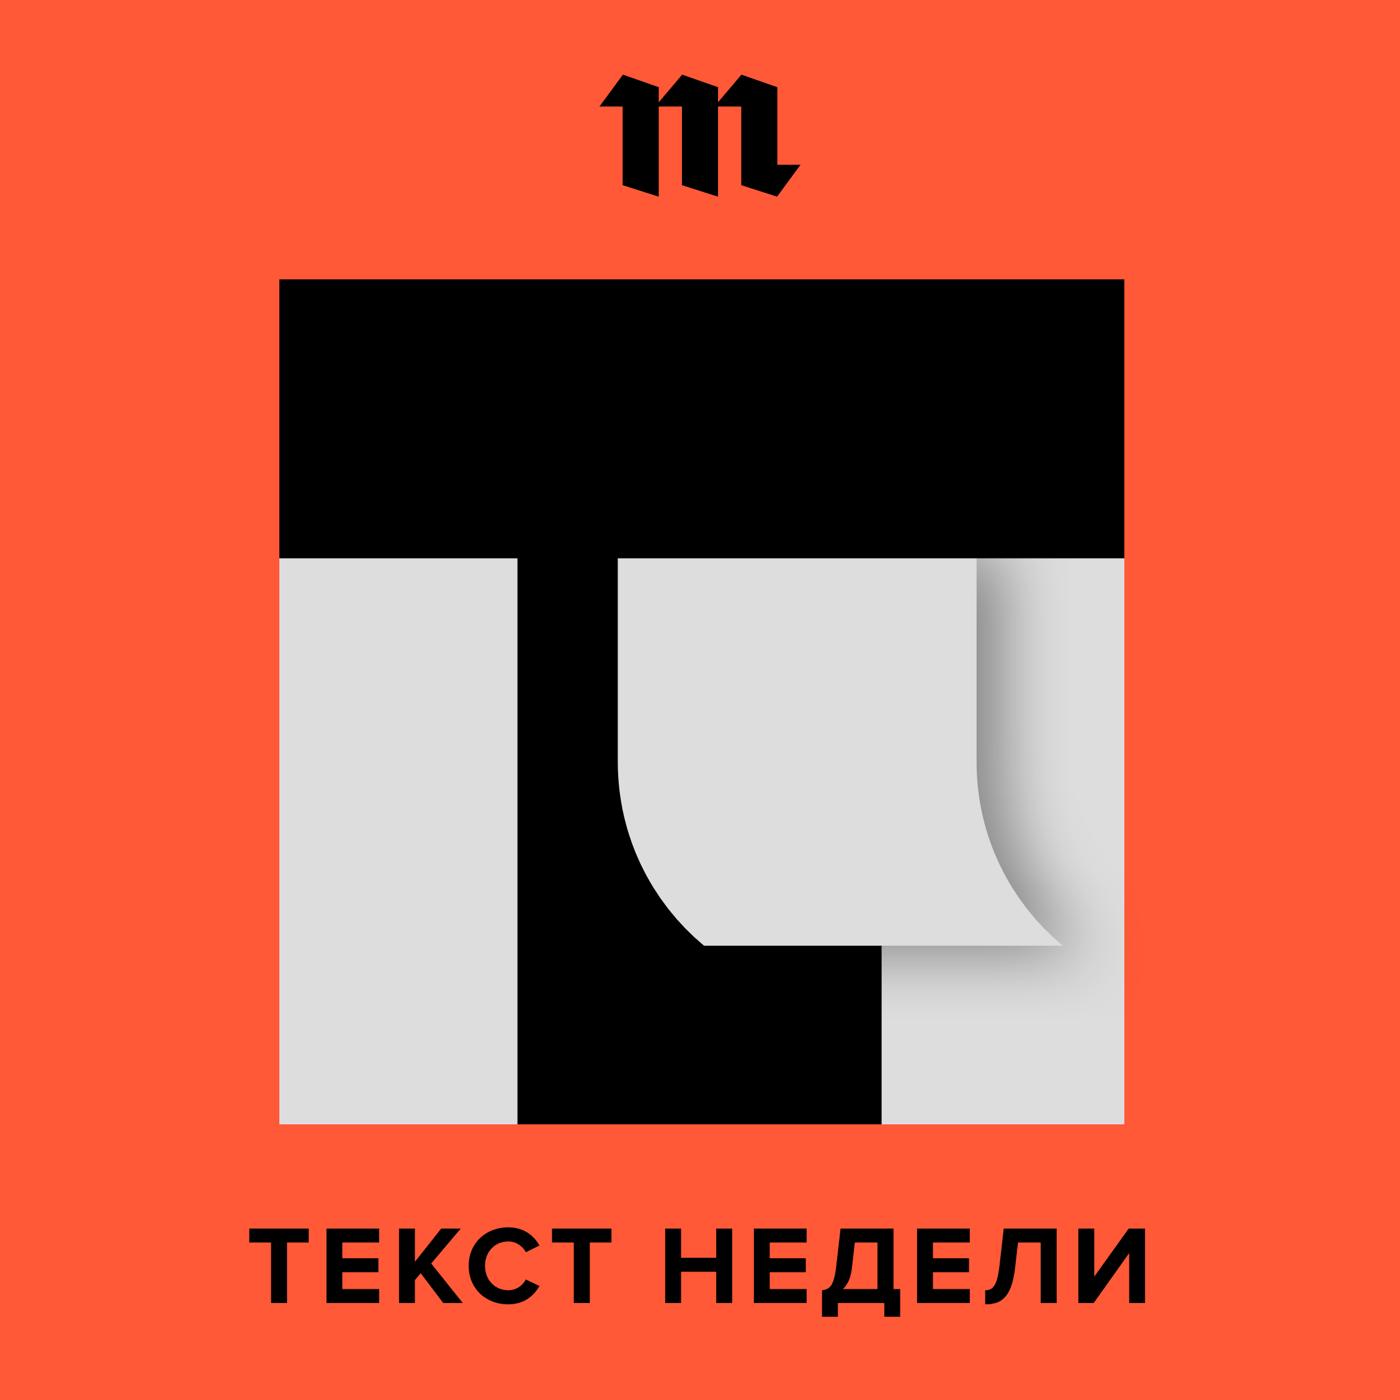 Айлика Кремер Вторая после Путина. Обсуждаем феномен Ольги Бузовой (разумеется, с песнями) книга ольги бузовой цена счастья читать онлайн